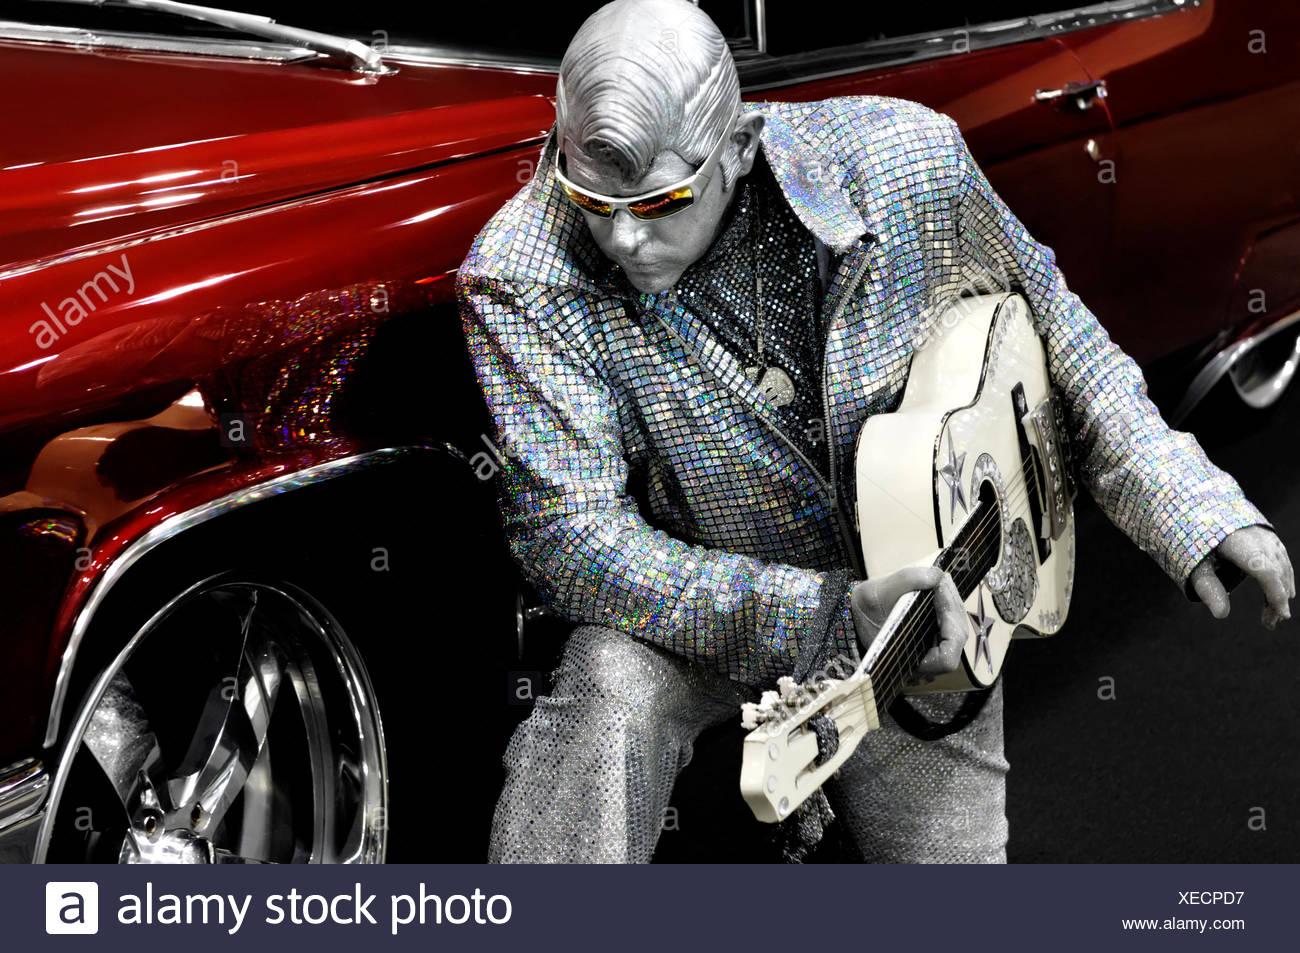 Elvis d'argent avec une guitare à genoux près d'une voiture classique rouge, d'interprètes Peter Jarvis de Toronto, Ontario, Canada Photo Stock